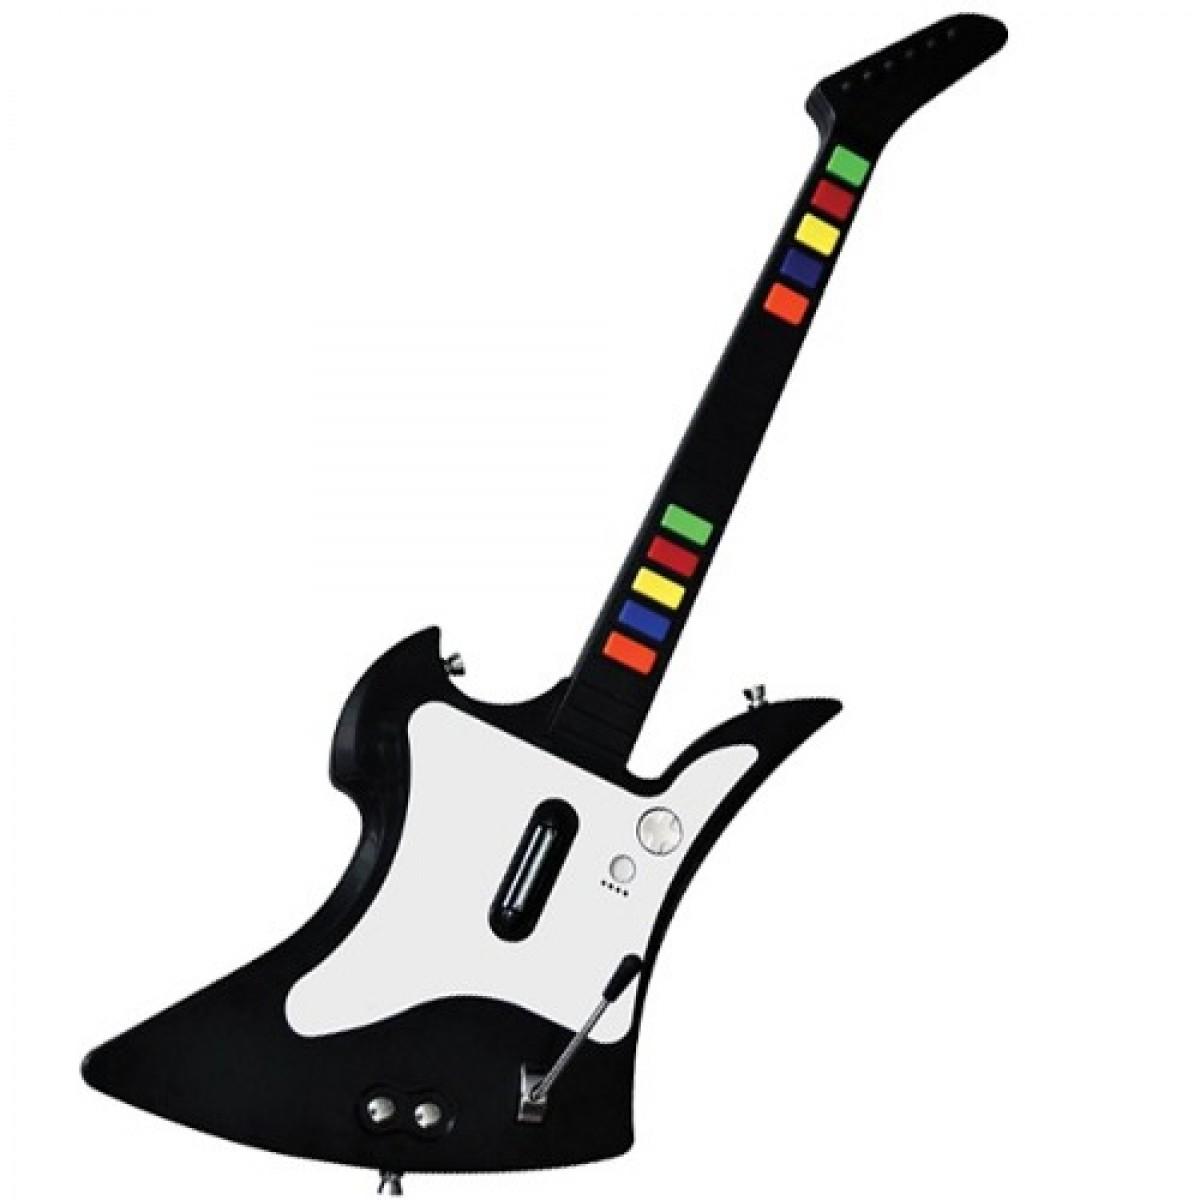 guitarra rockband ps3